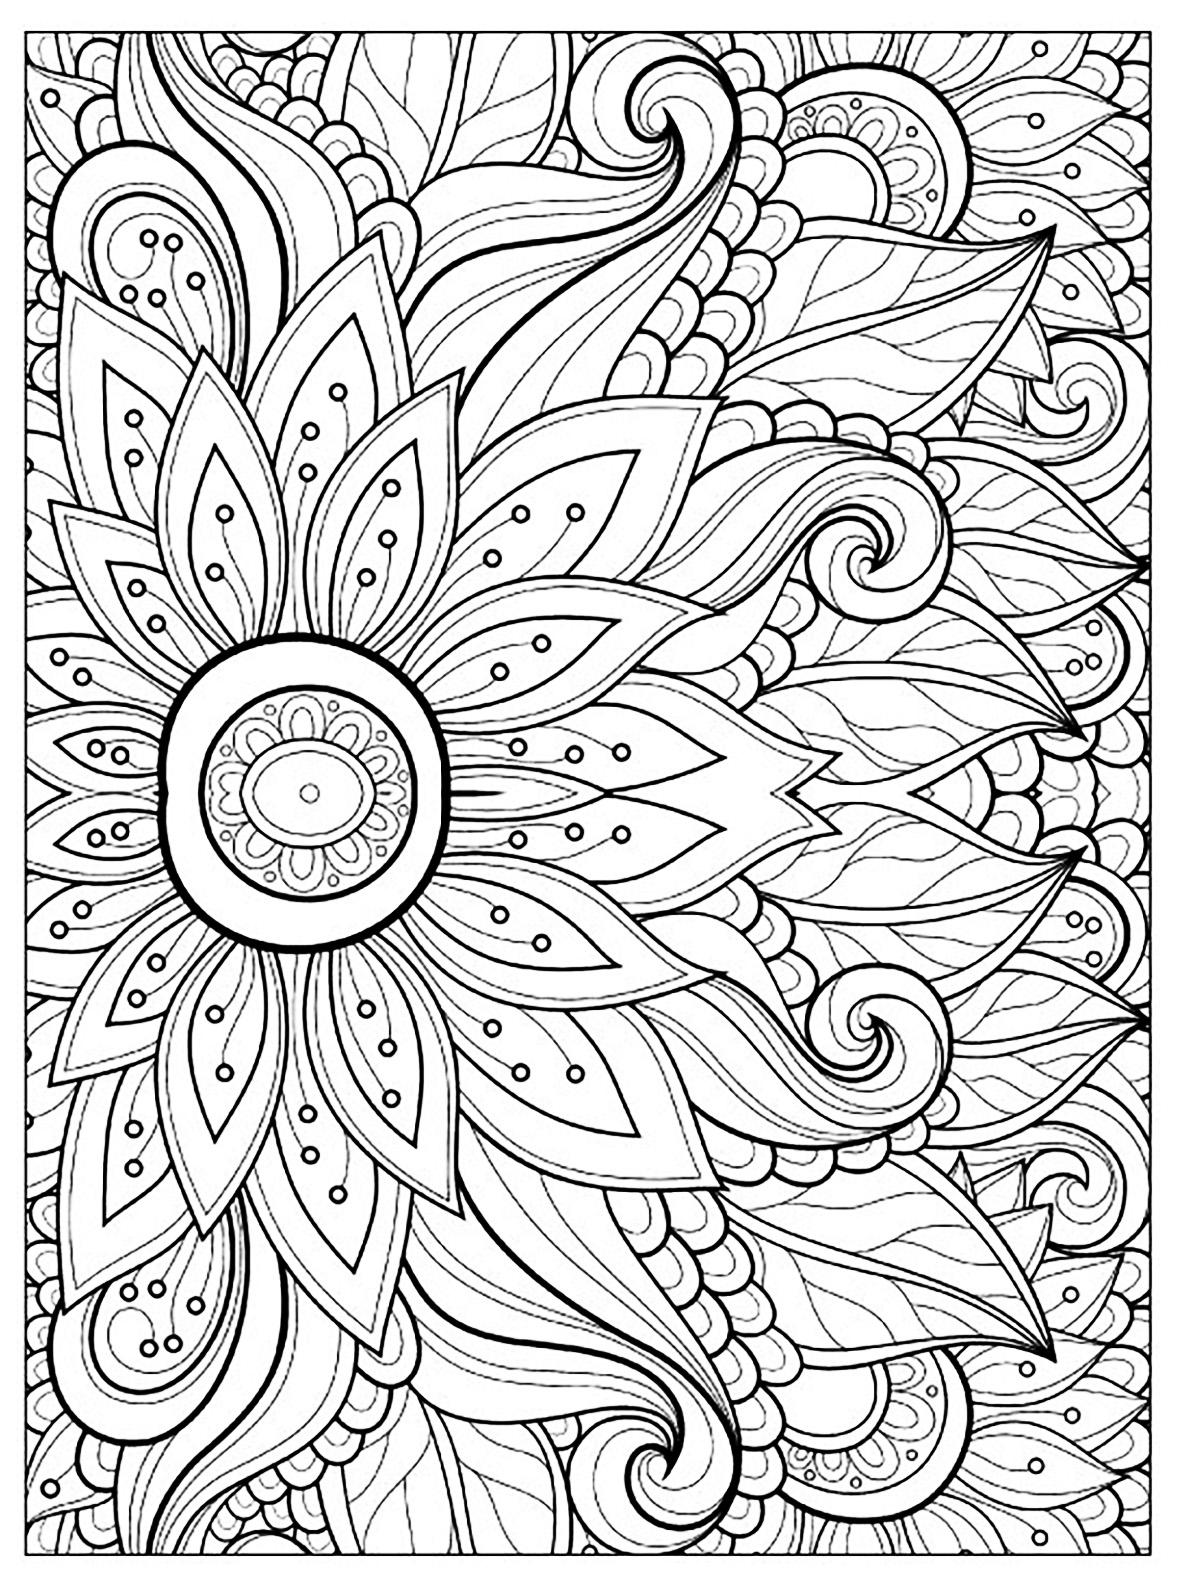 Colorear para adultos : Flores y vegetación - 34